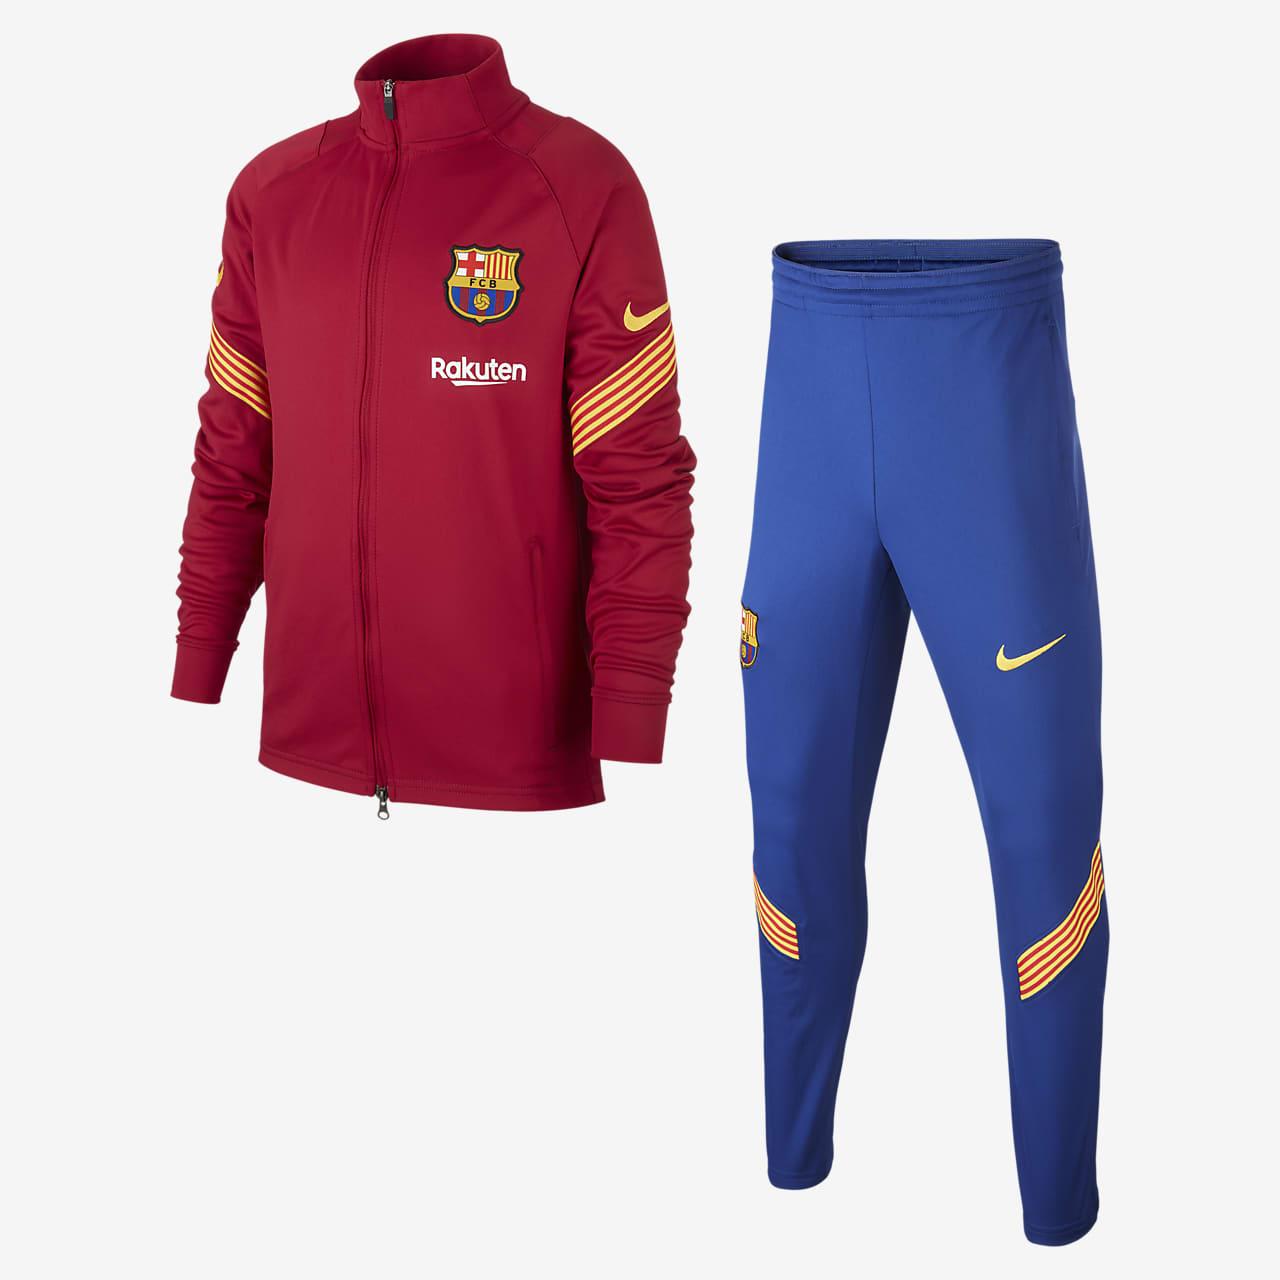 Ποδοσφαιρική φόρμα FC Barcelona Strike για μεγάλα παιδιά